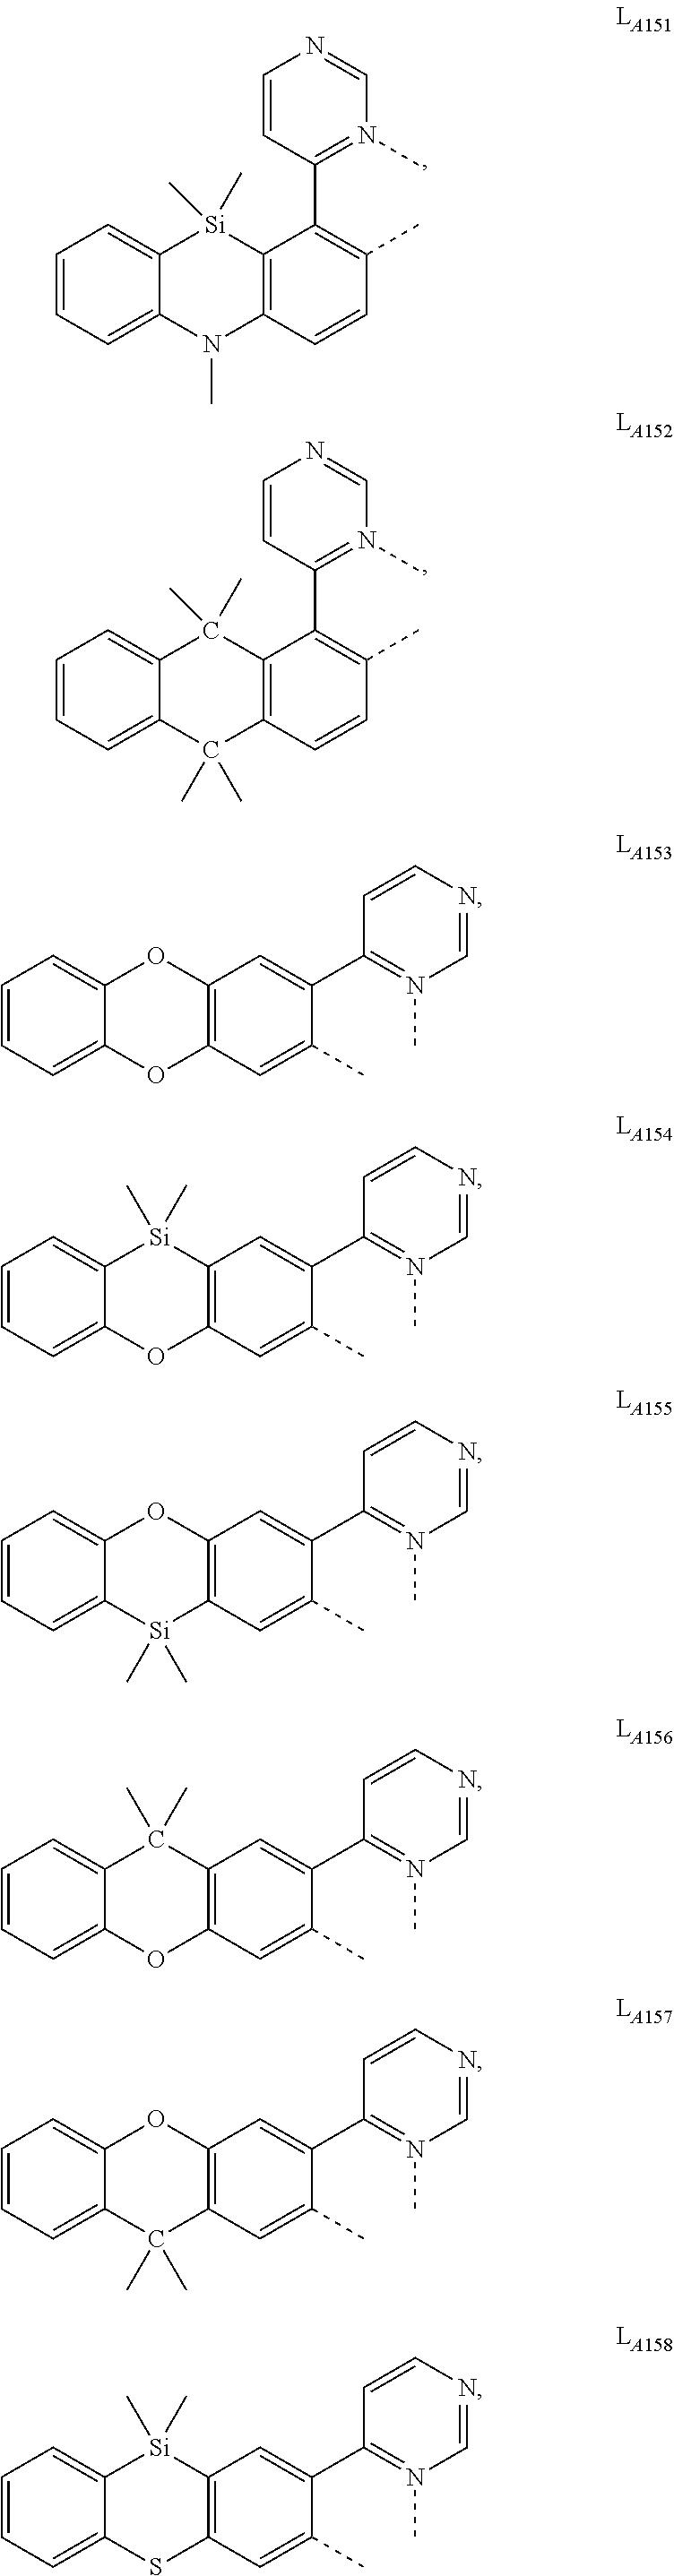 Figure US10153443-20181211-C00030